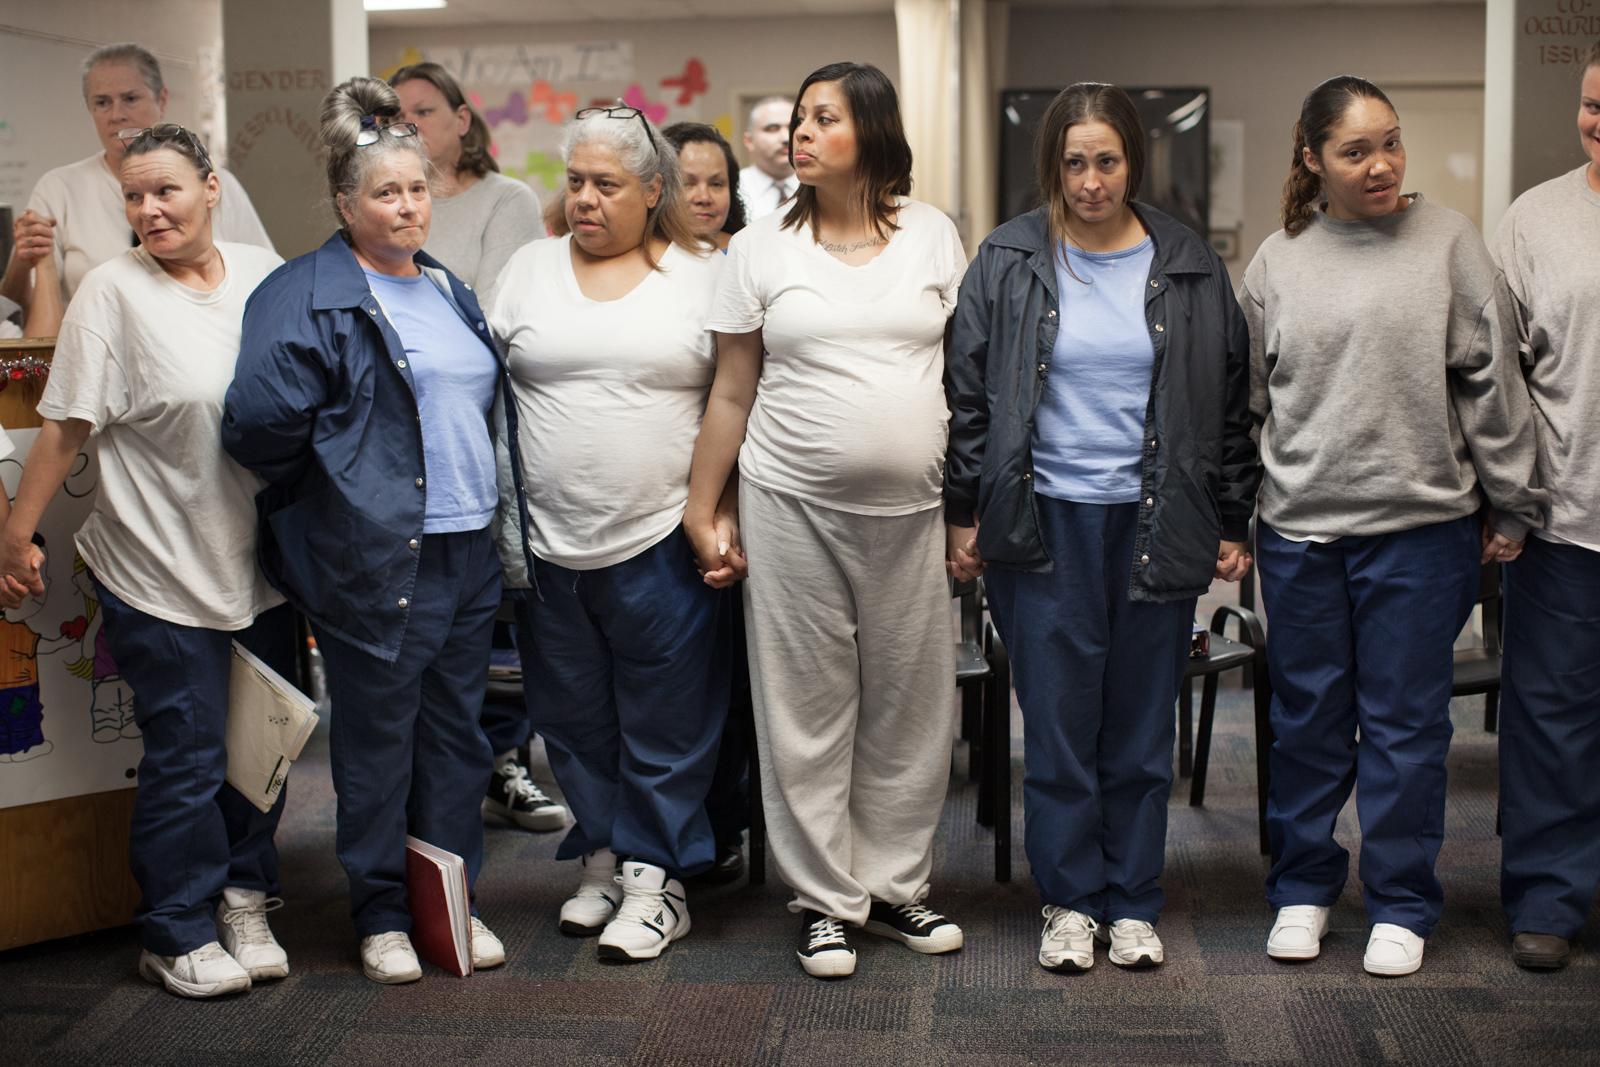 Zdjęcie 5 kobiet uwiezionych w areszcie, które doatkowo są w ciąży. Połowa z nich ubrana jest na granatowo, druga na beżowo.